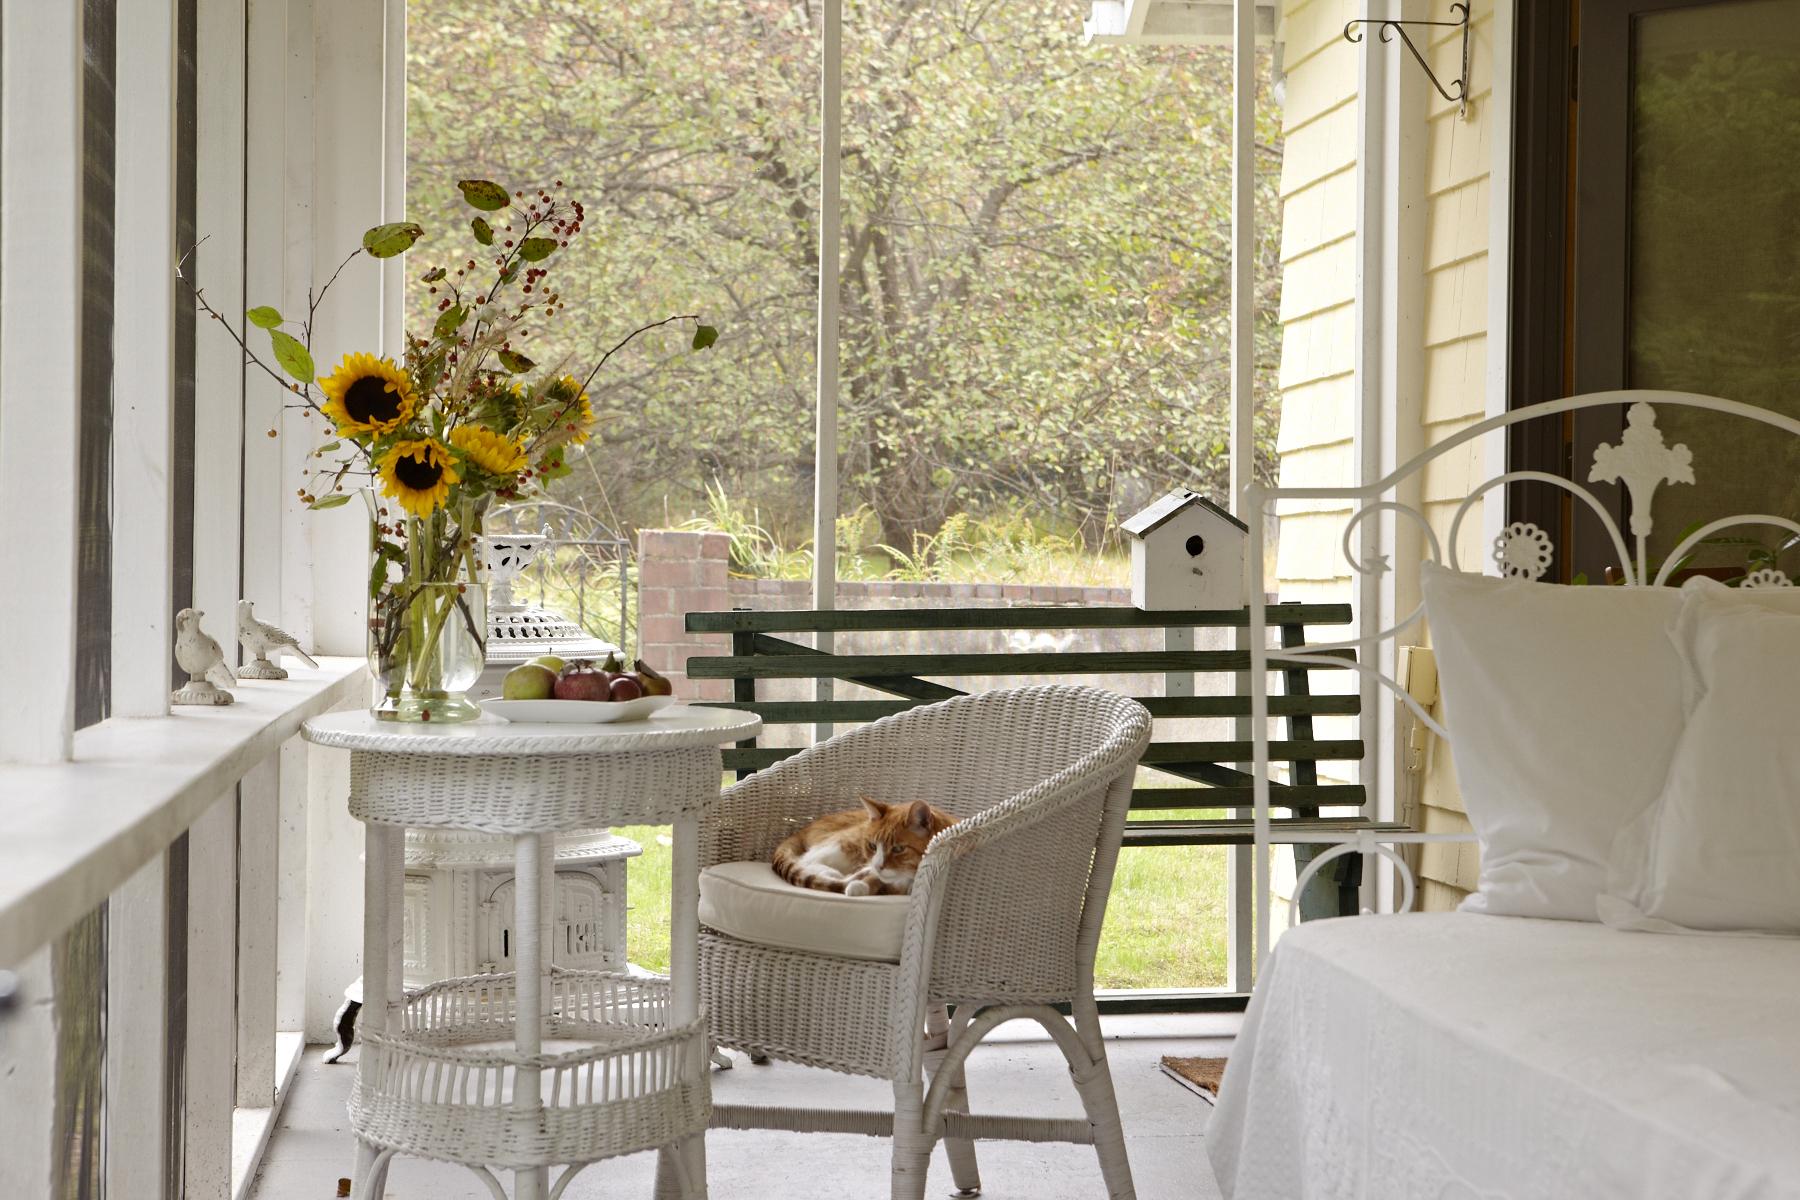 KFreeman_cottage_2012 0417.jpg